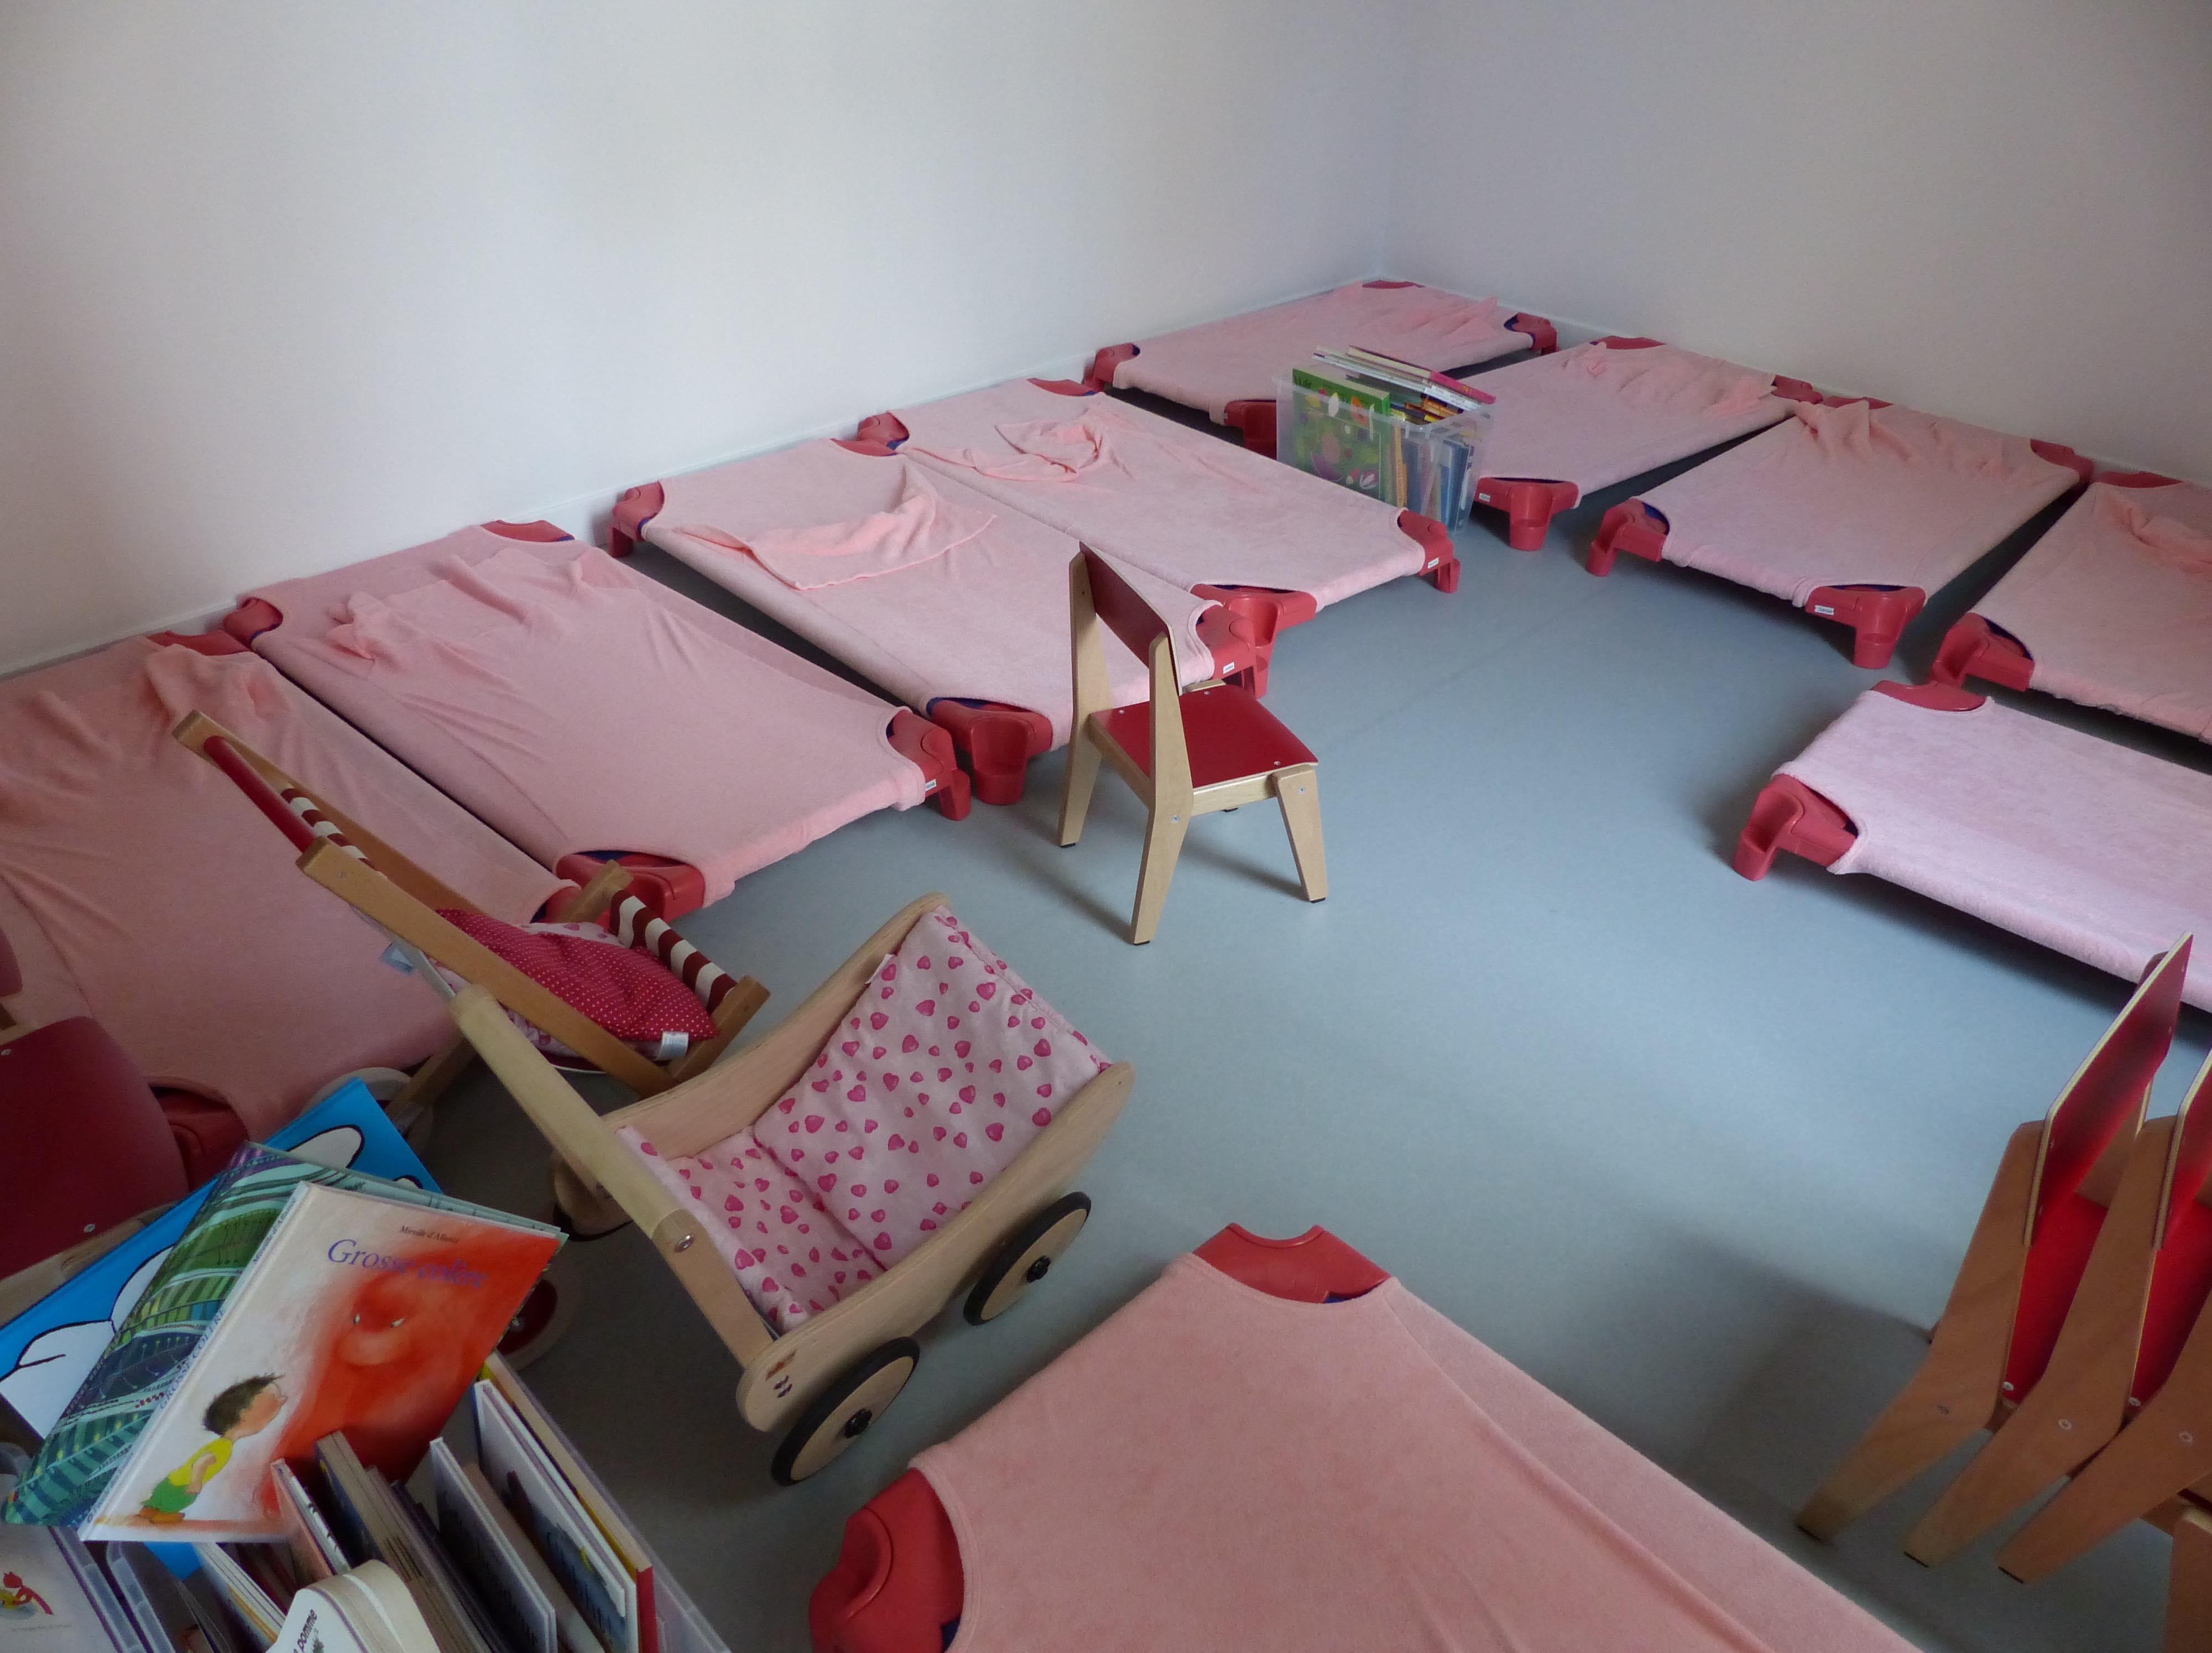 cr ches comment am nager l espace repos des petits lesprosdelapetiteenfance. Black Bedroom Furniture Sets. Home Design Ideas